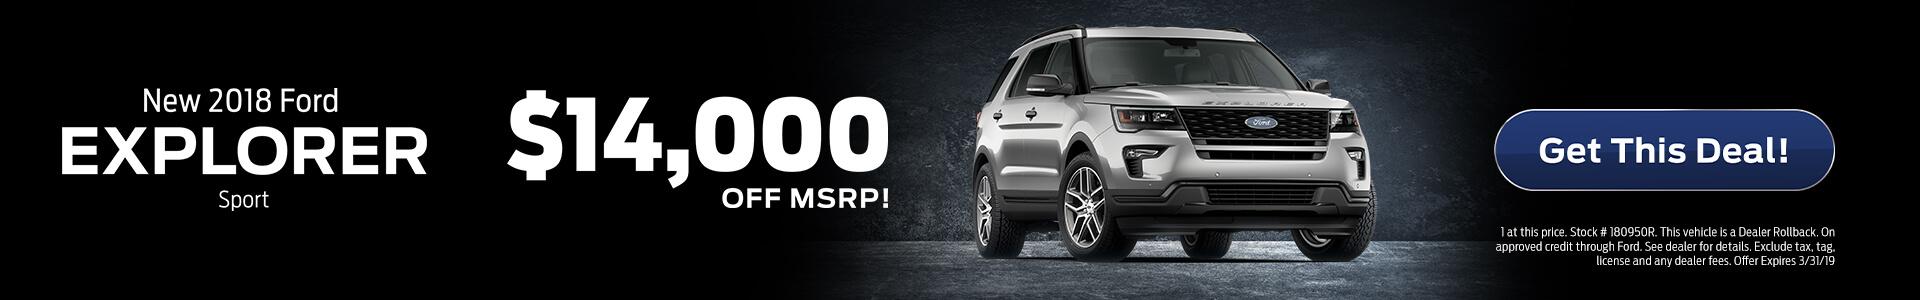 Ford Explorer $14,000 Off MSRP